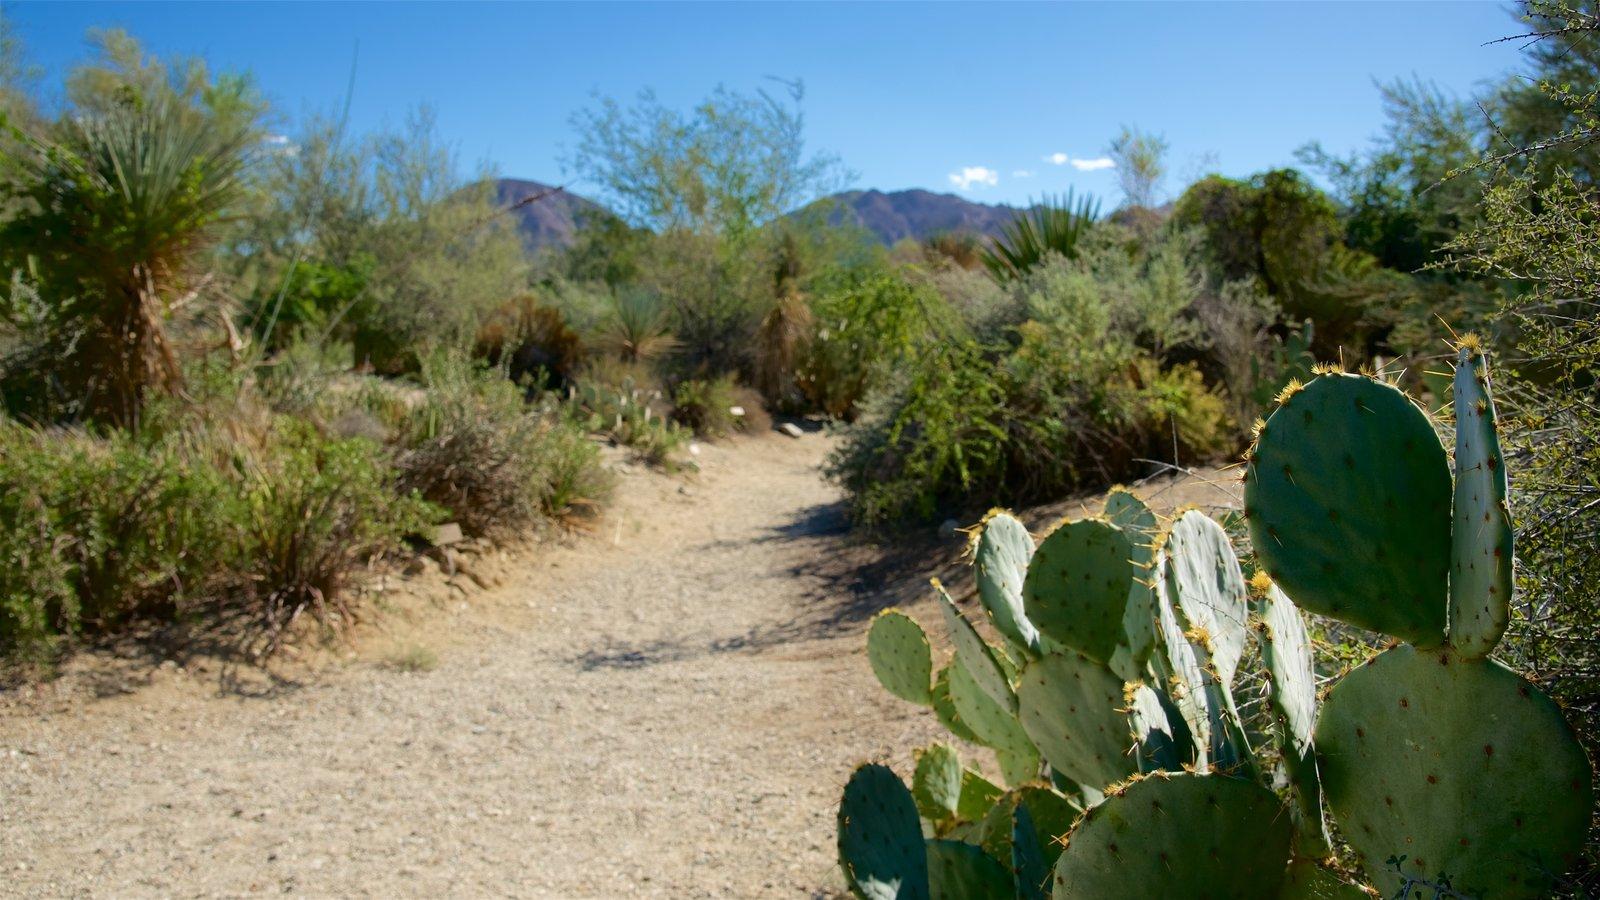 Zoológico y jardines Living Desert que incluye vistas al desierto